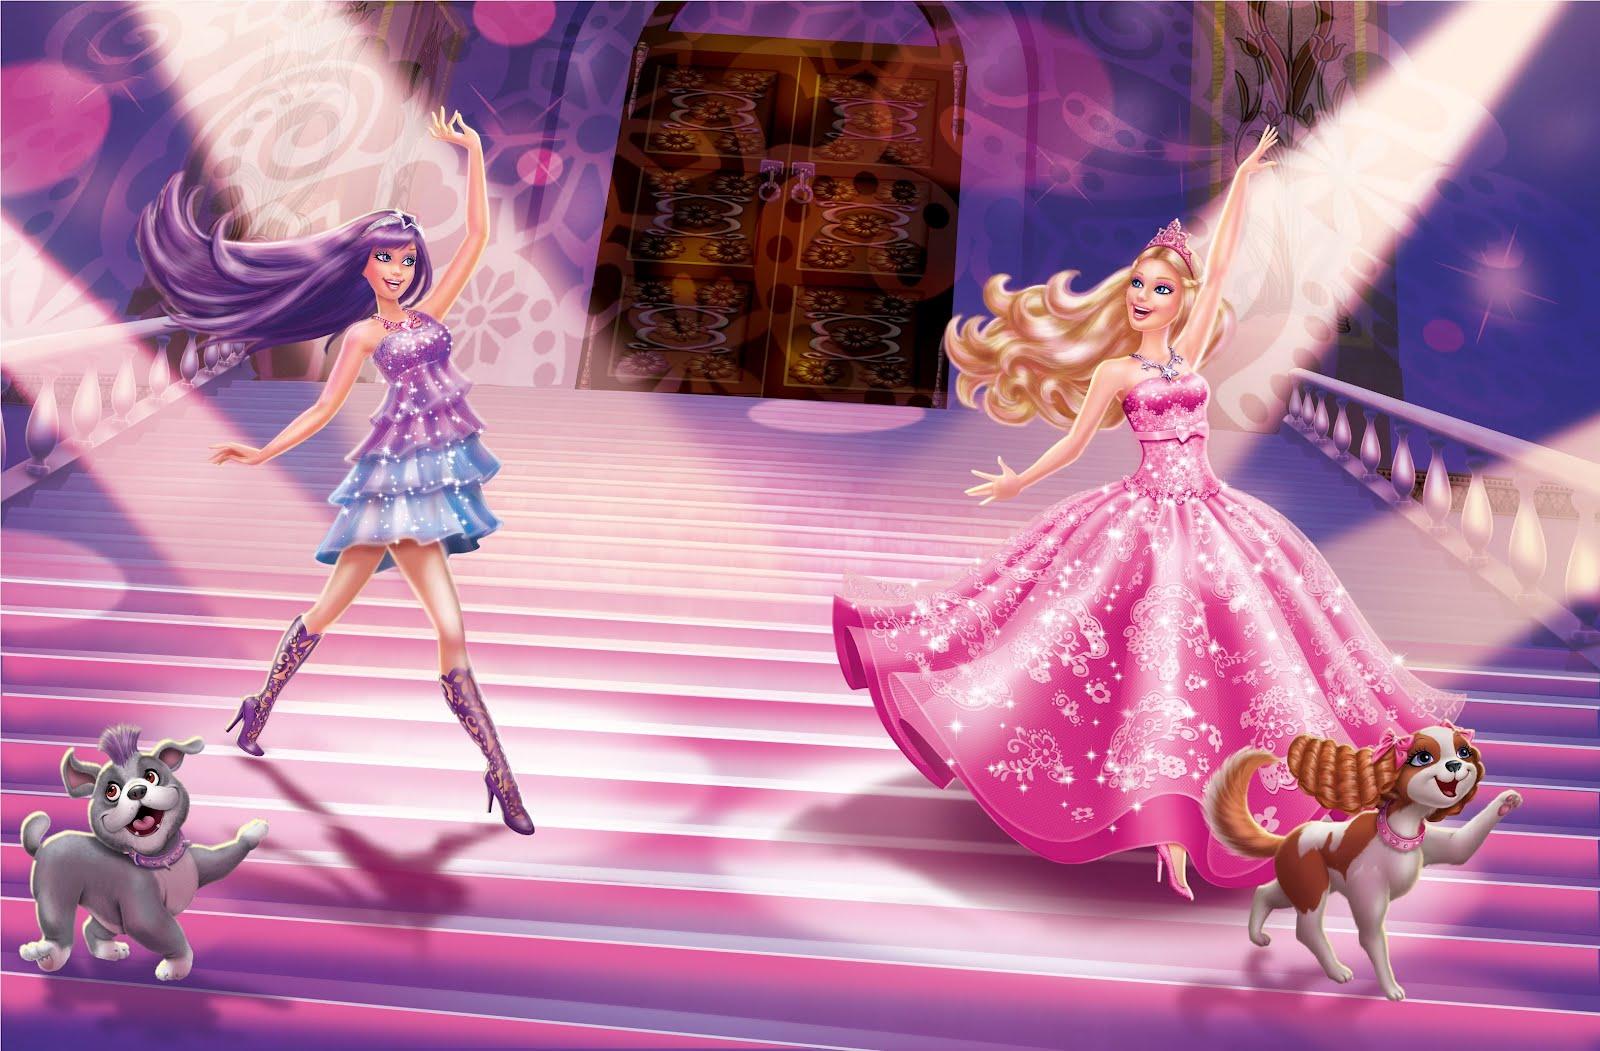 Barbie Princess and the Pop Star Book interior Art